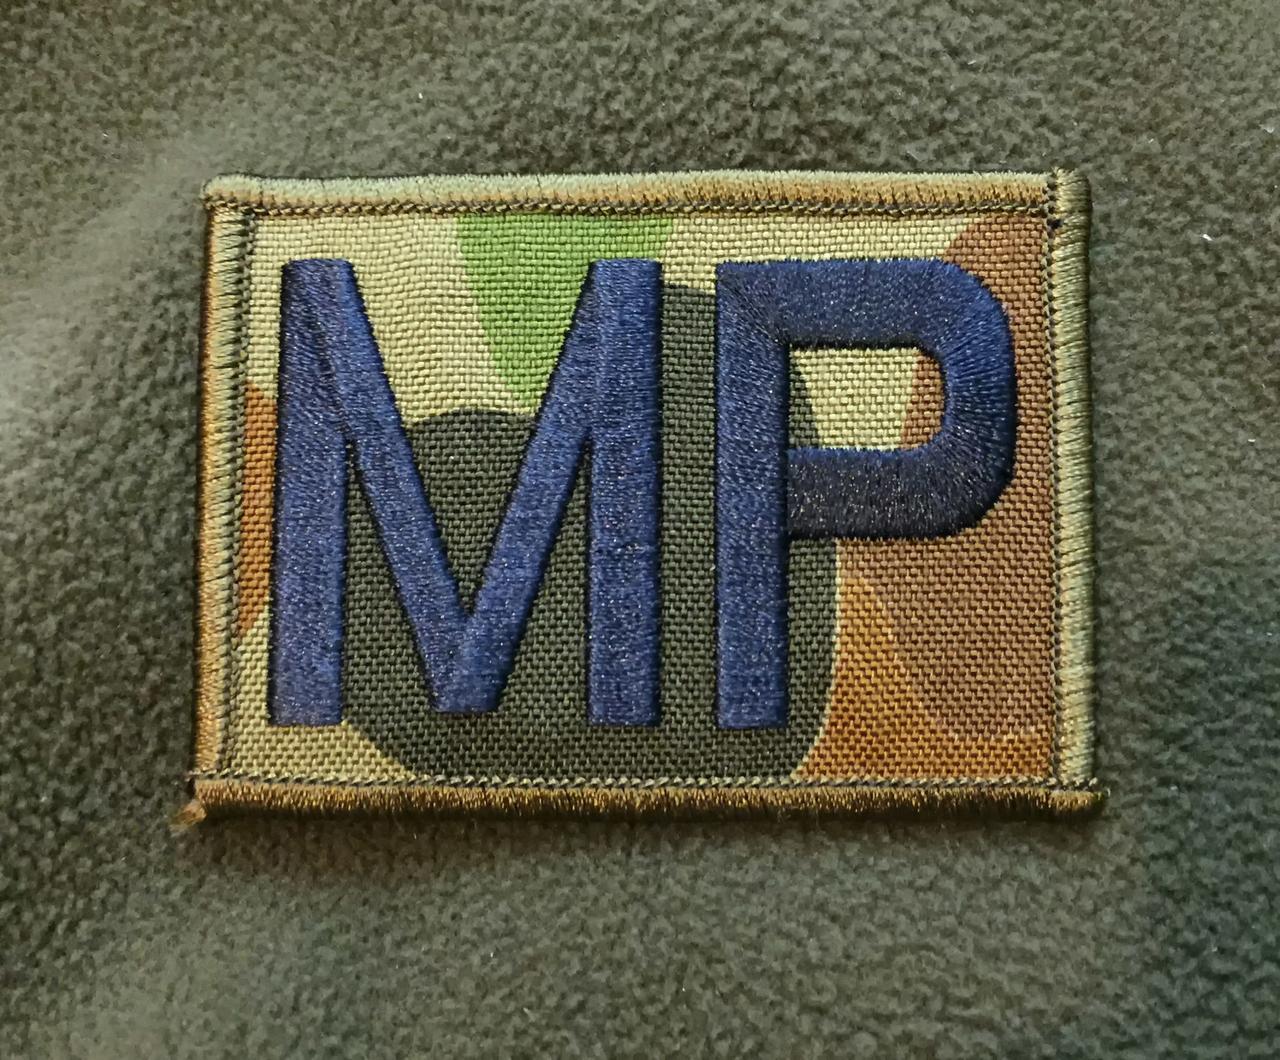 RAAF: DPCU MP Patch